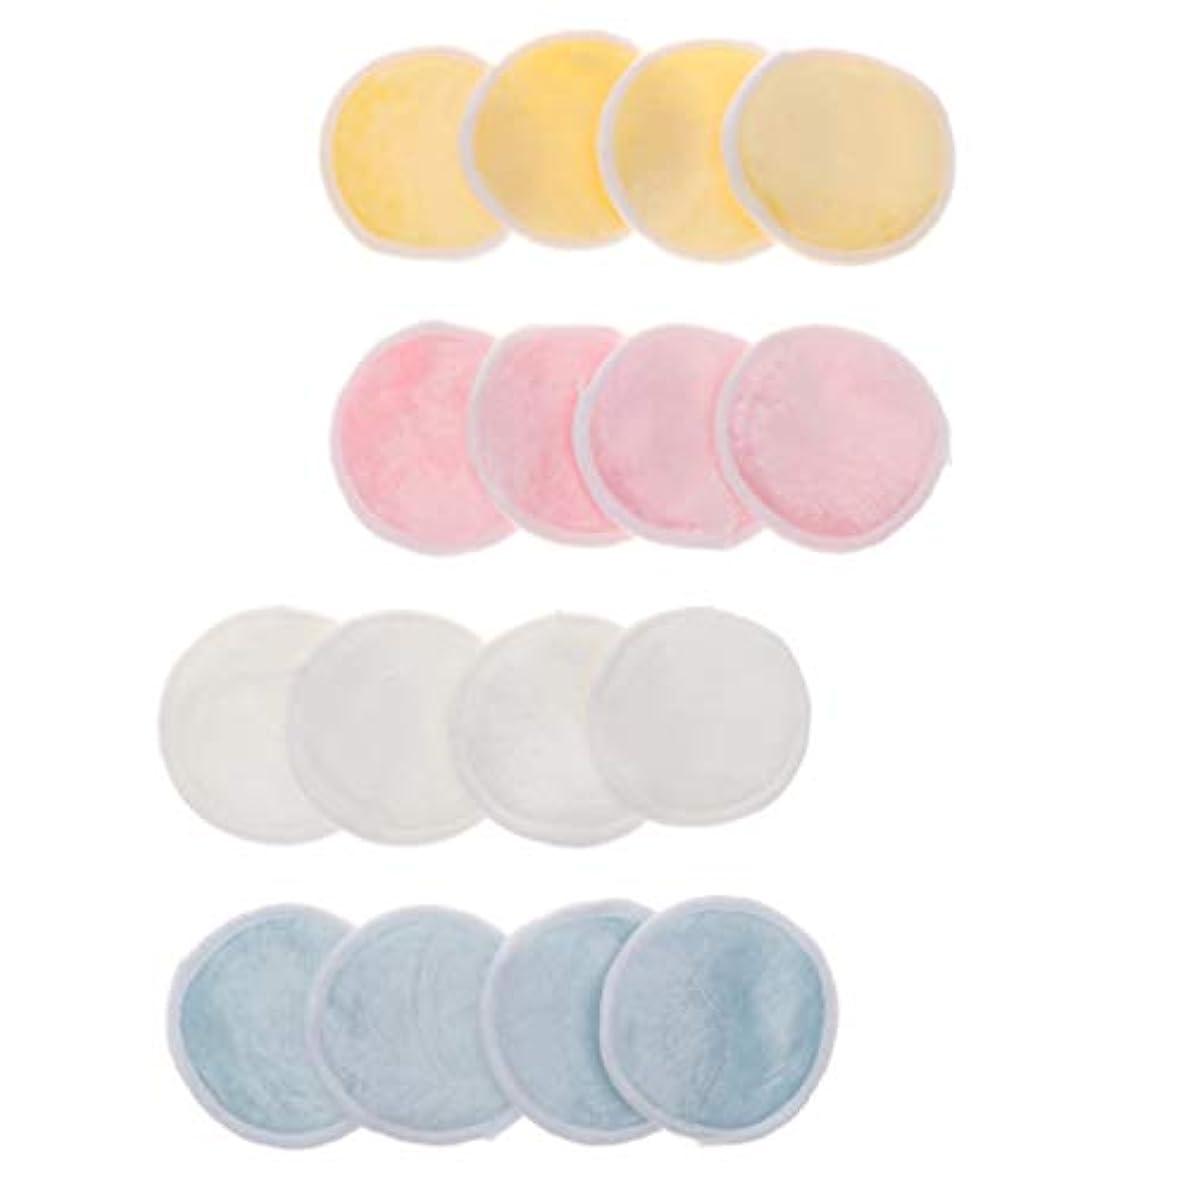 偉業順応性のあるセンチメートルF Fityle 16個 クレンジングシート 化粧コットン パッド メイク落とし 再使用可能 ジッパーメッシュバッグ付